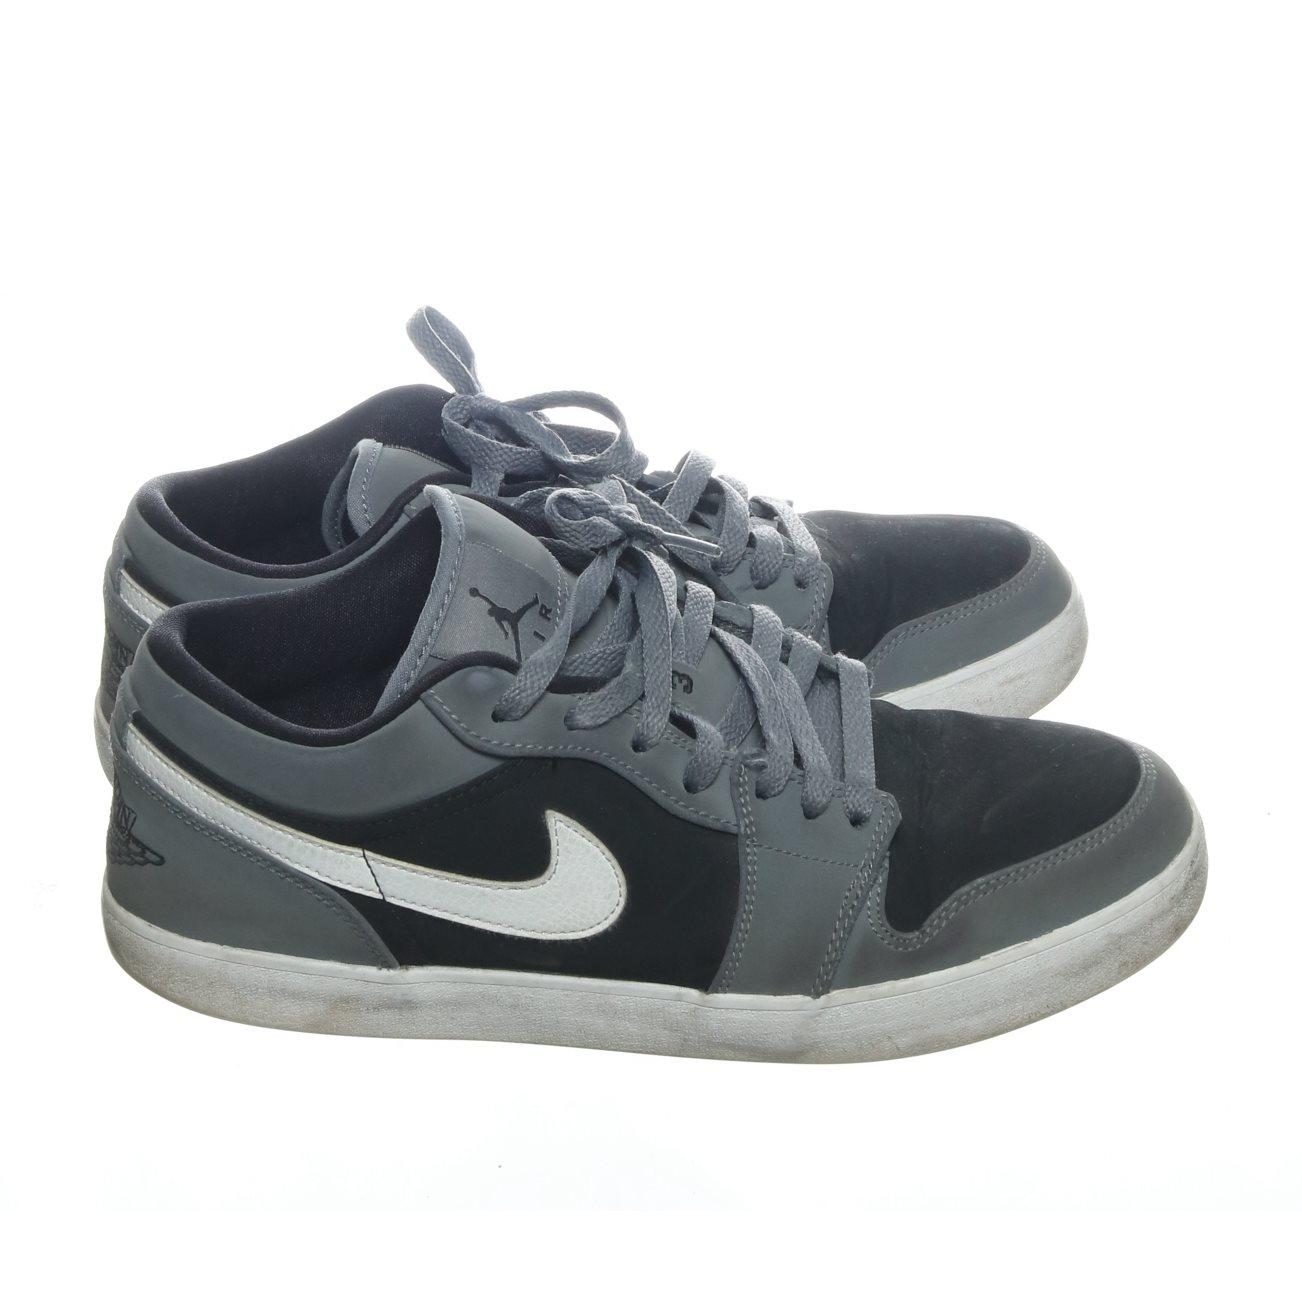 best sneakers 3a9bd 90cca Nike Air Jordan, Sneakers, Strl  44.5, Svart Grå